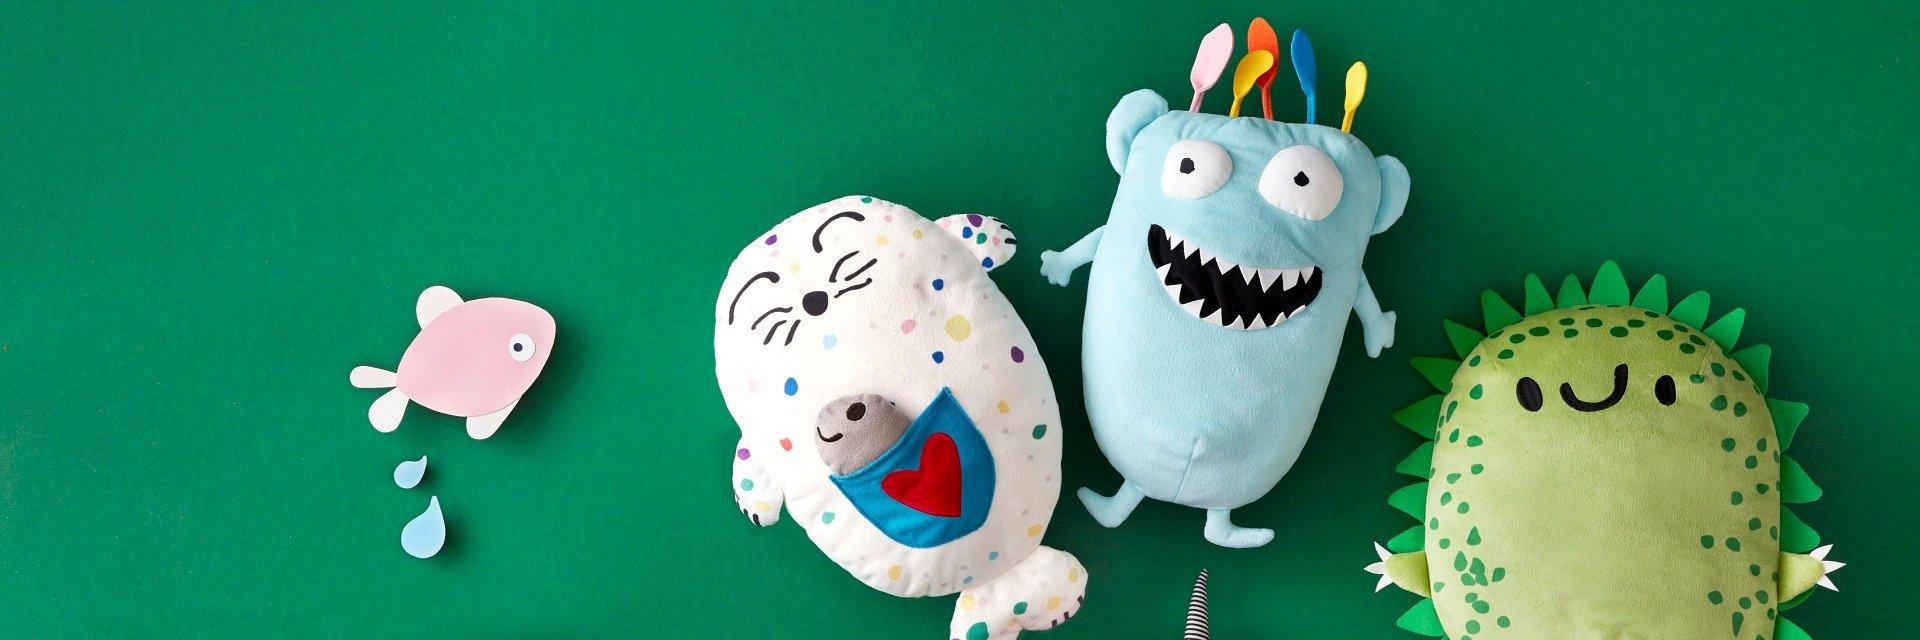 Zaprojektowana przez dzieci dla dzieci. Limitowana kolekcja IKEA SAGOSKATT po raz 5. wspiera prawo najmłodszych do zabawy oraz rozwoju.